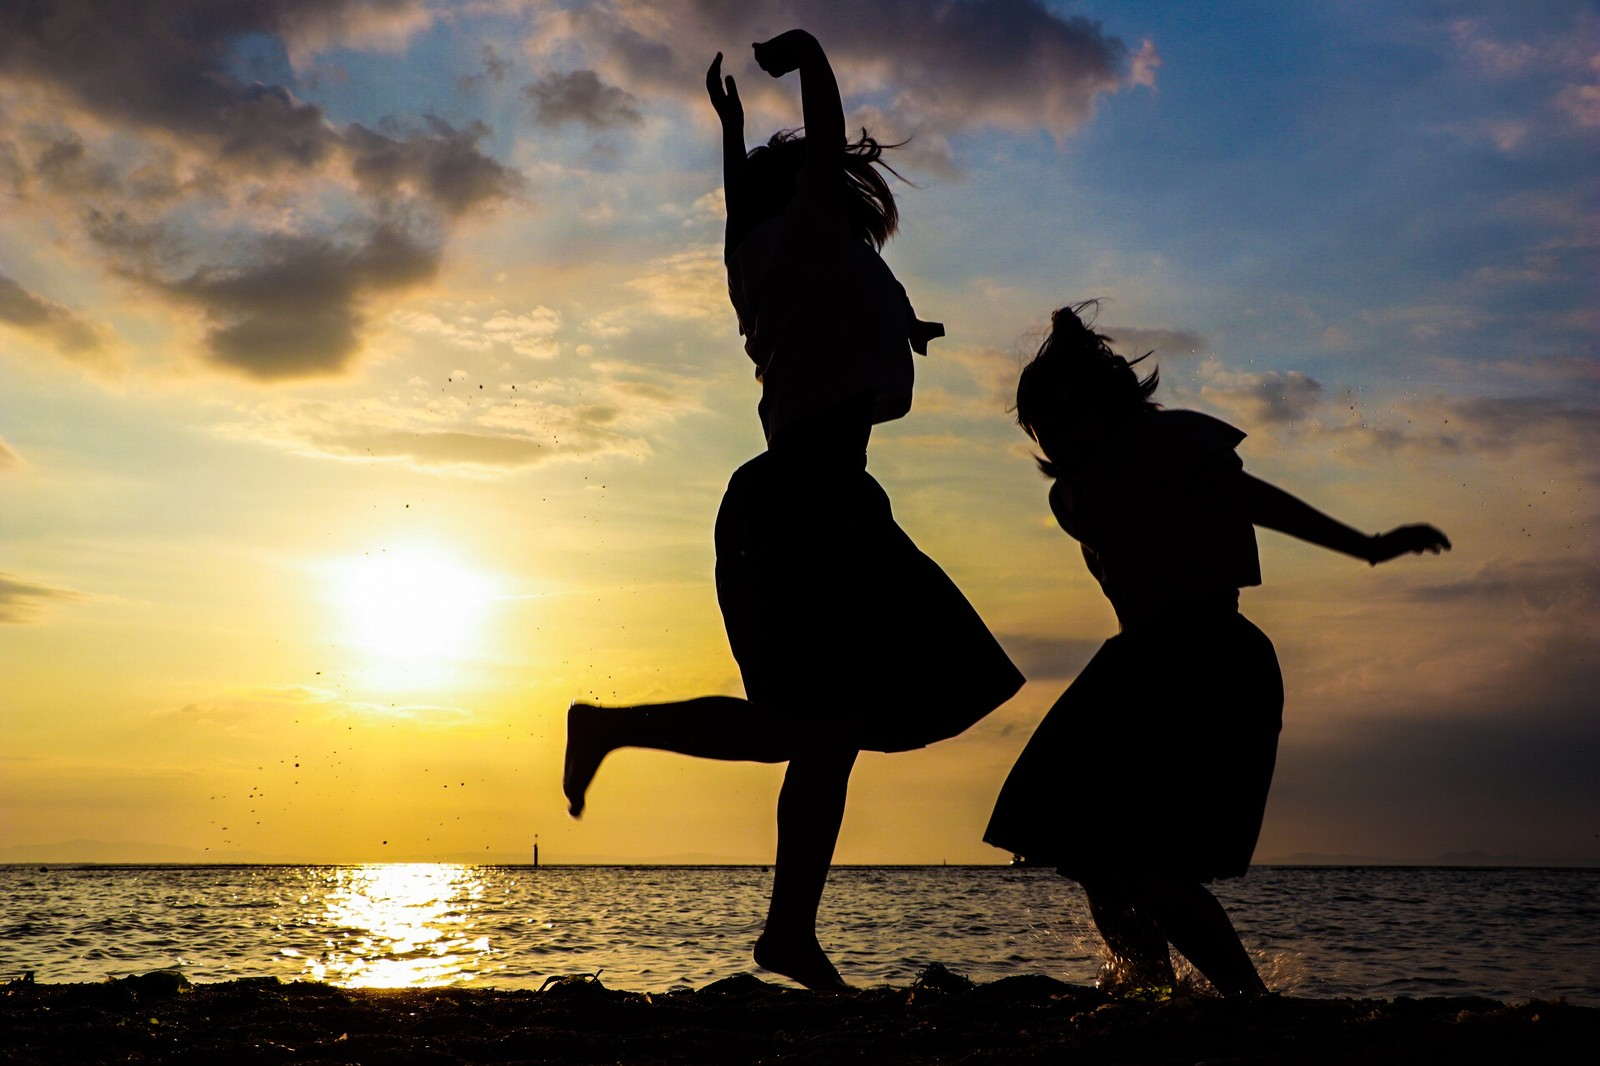 「焼けた空と浜辺で歓喜する二人のシルエット」の写真